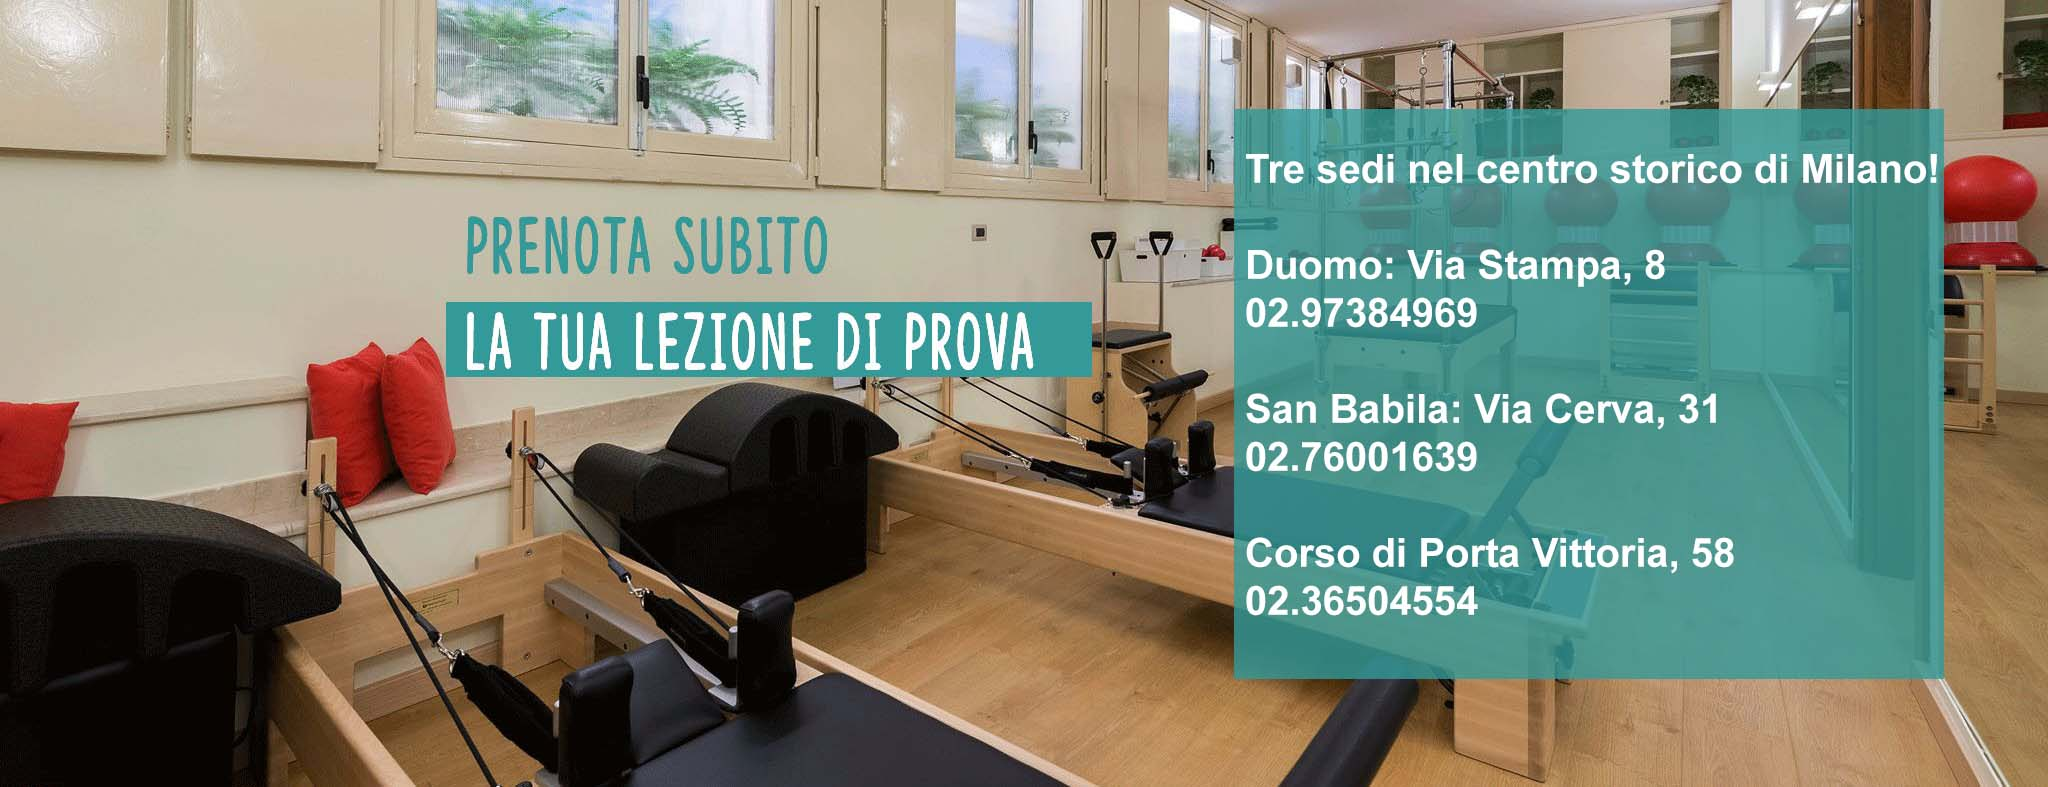 Studio Pilates Corso Lodi Milano - Prenota subito la tua lezione di prova